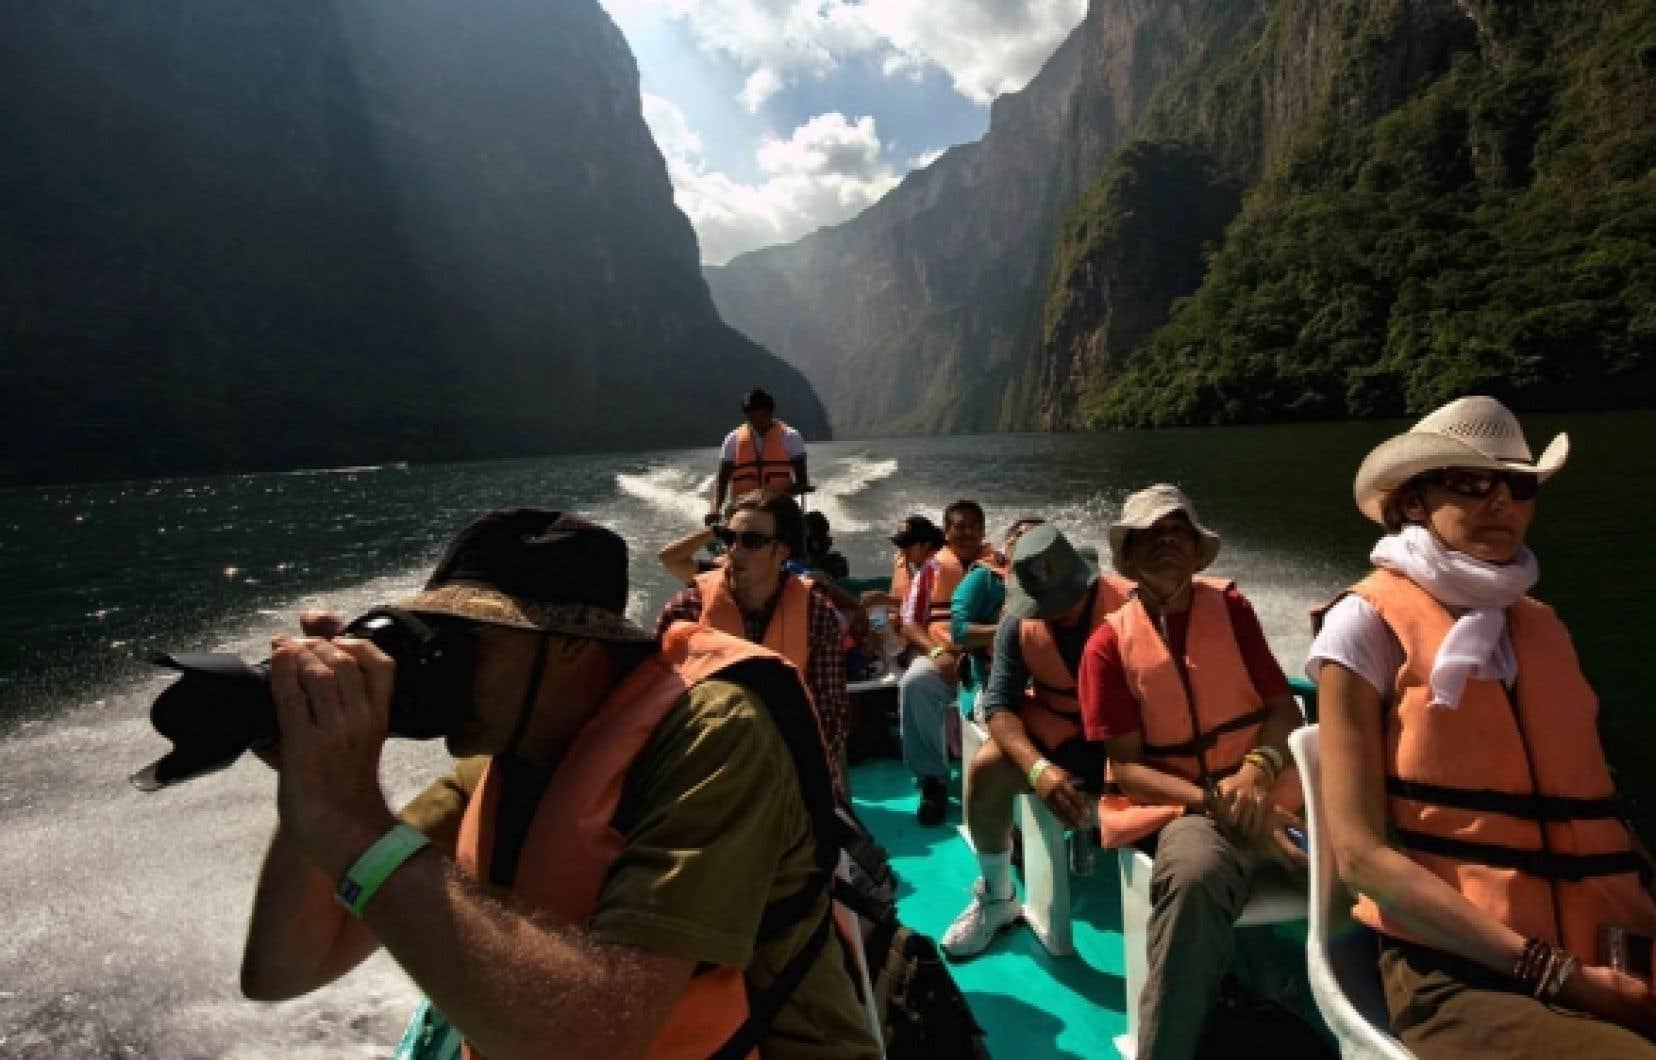 Un groupe de touristes visite le canyon du Sumidero, au Chiapas. «Même le tourisme dit d'aventure ne veut pas d'insécurité et d'improvisation», constate le sociologue français Rodolphe Christin.